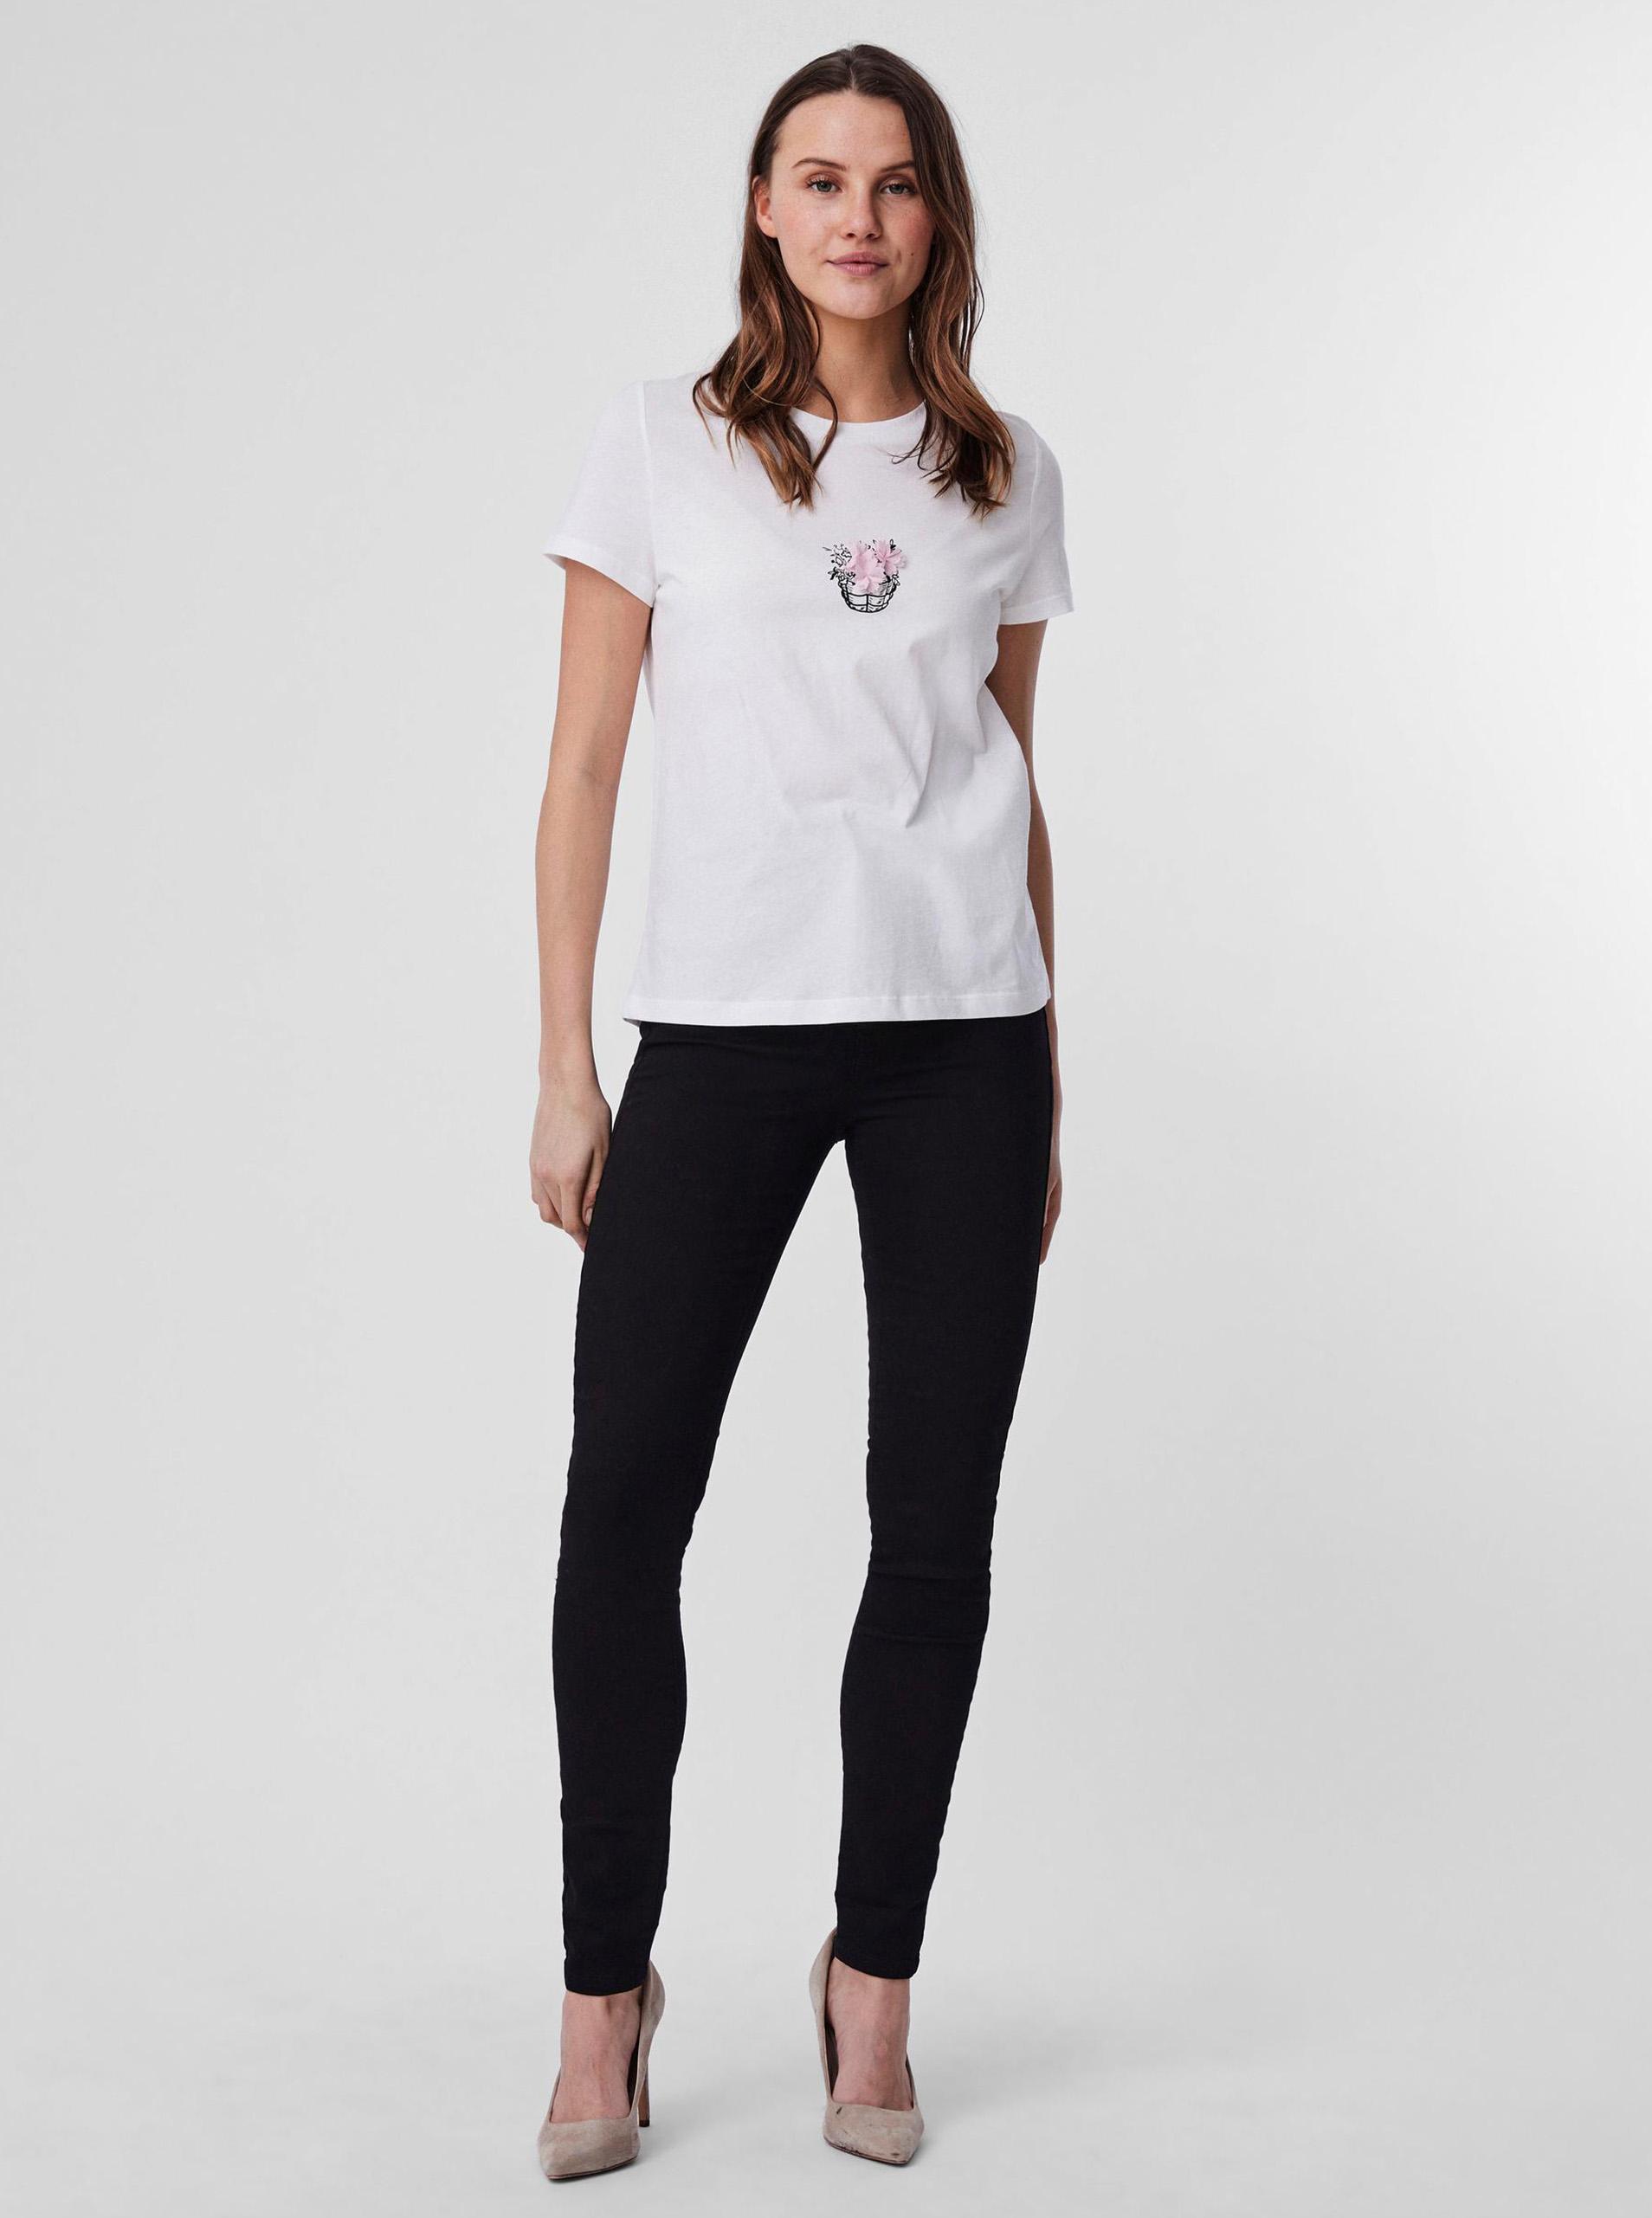 Vero Moda white T-shirt Donna